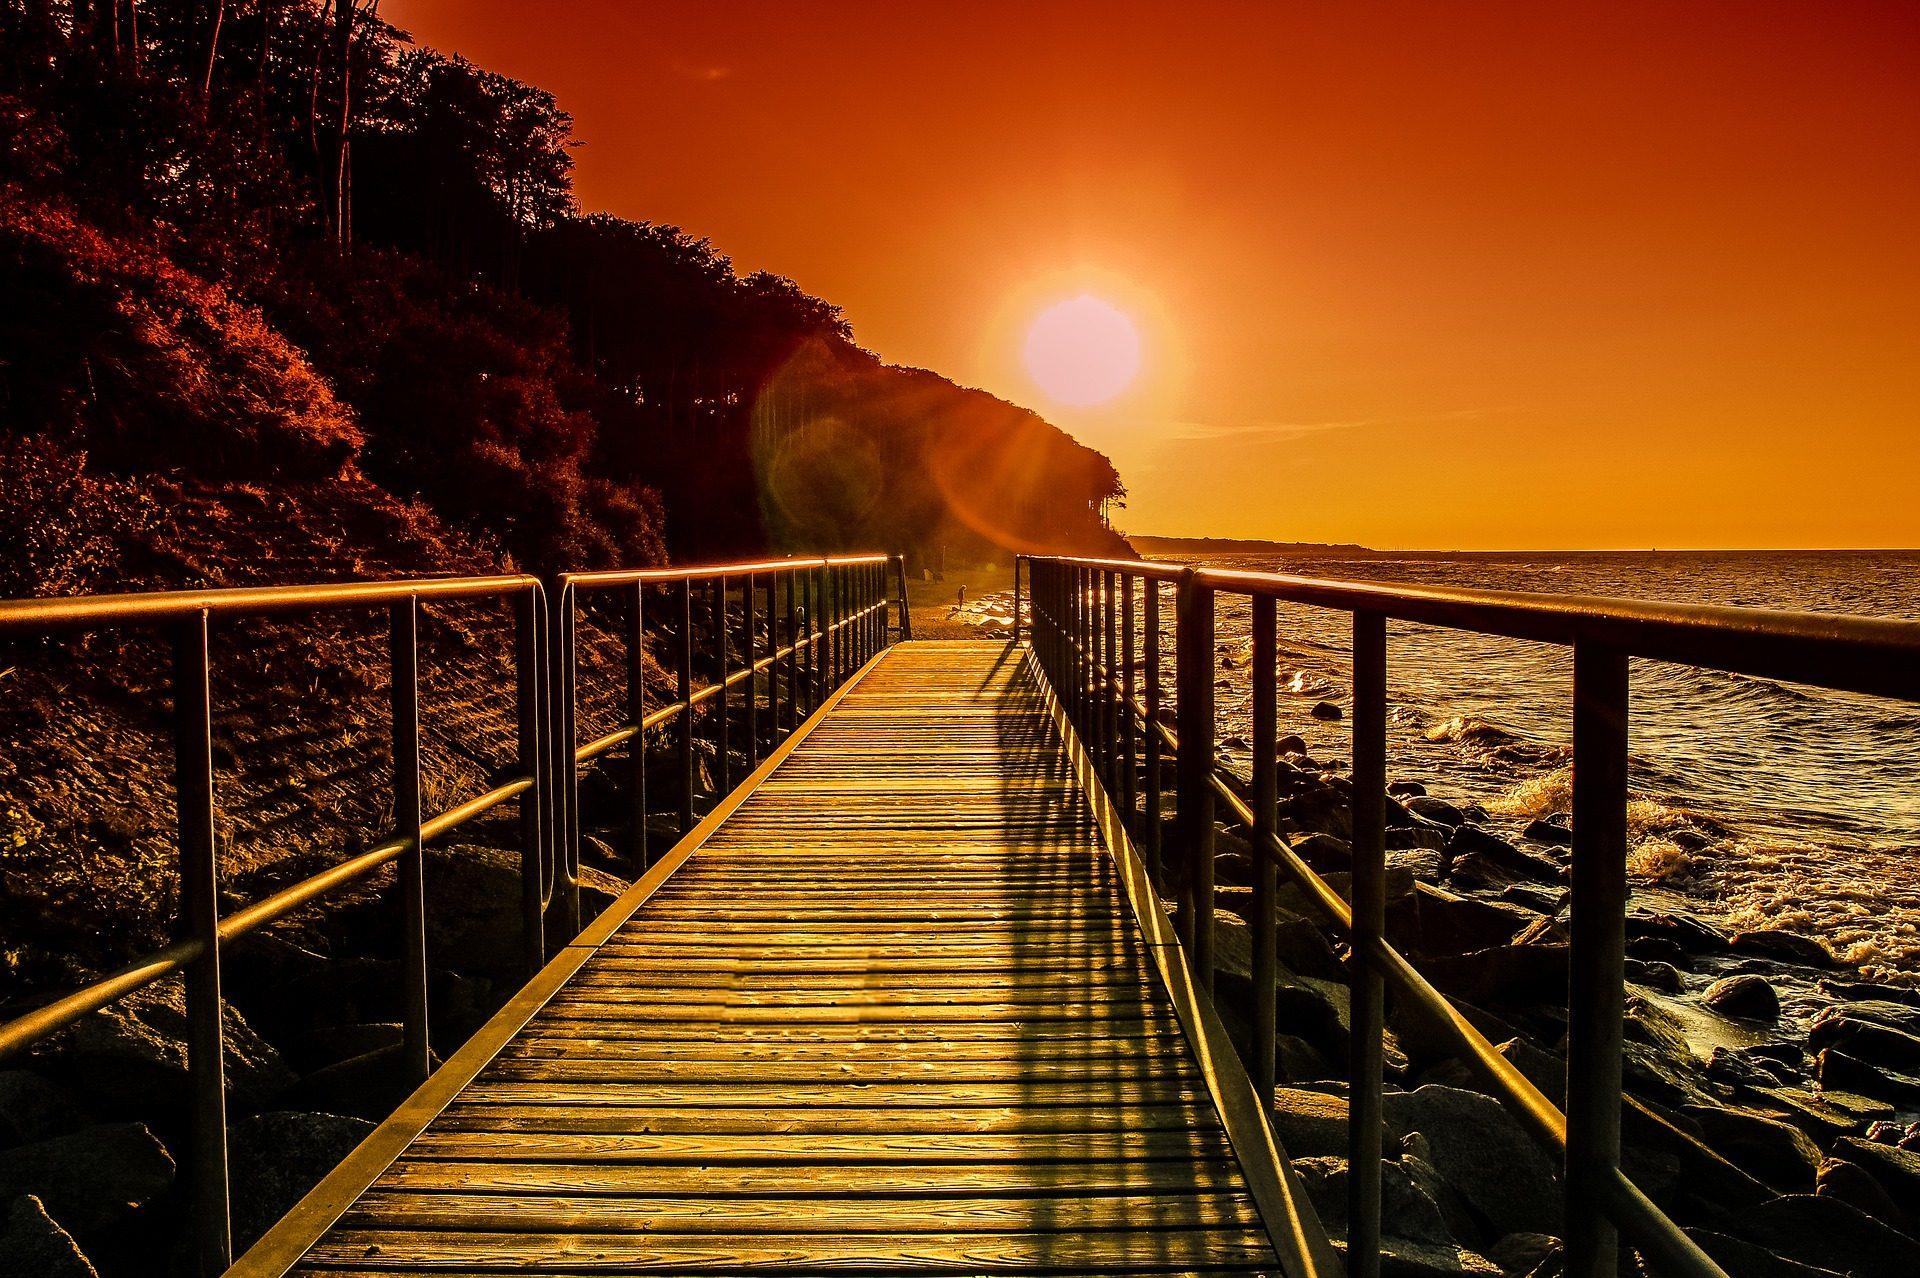 ビーチ, 海, ブリッジ, 通路, 木材, 太陽, サンセット - HD の壁紙 - 教授-falken.com